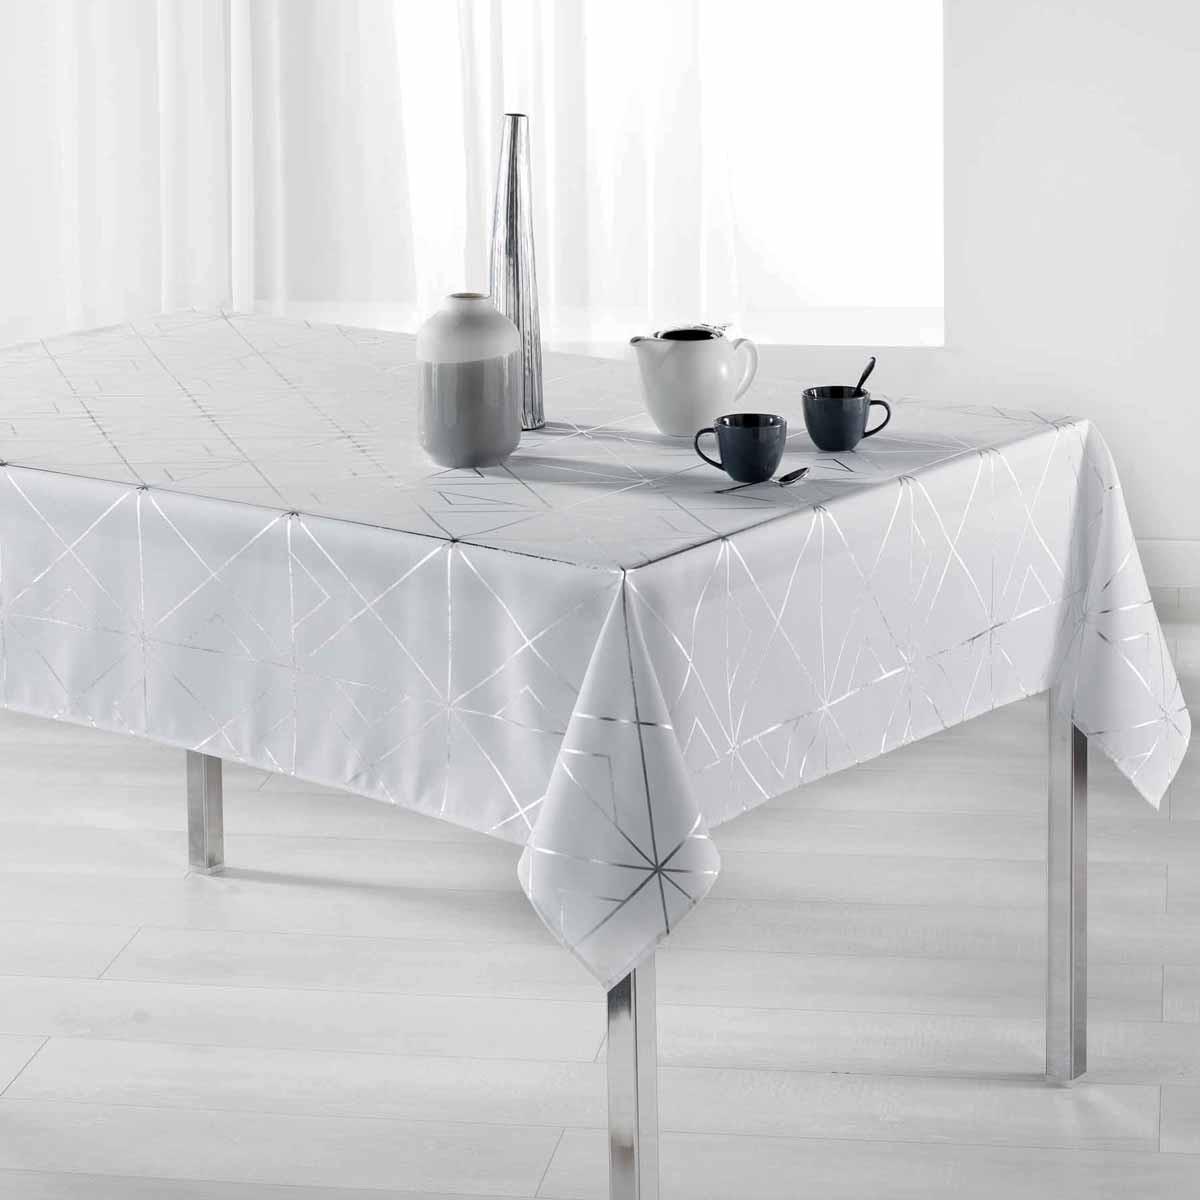 Αλέκιαστο Τραπεζομάντηλο (150×240) L-C Quadris Blanc 1722280